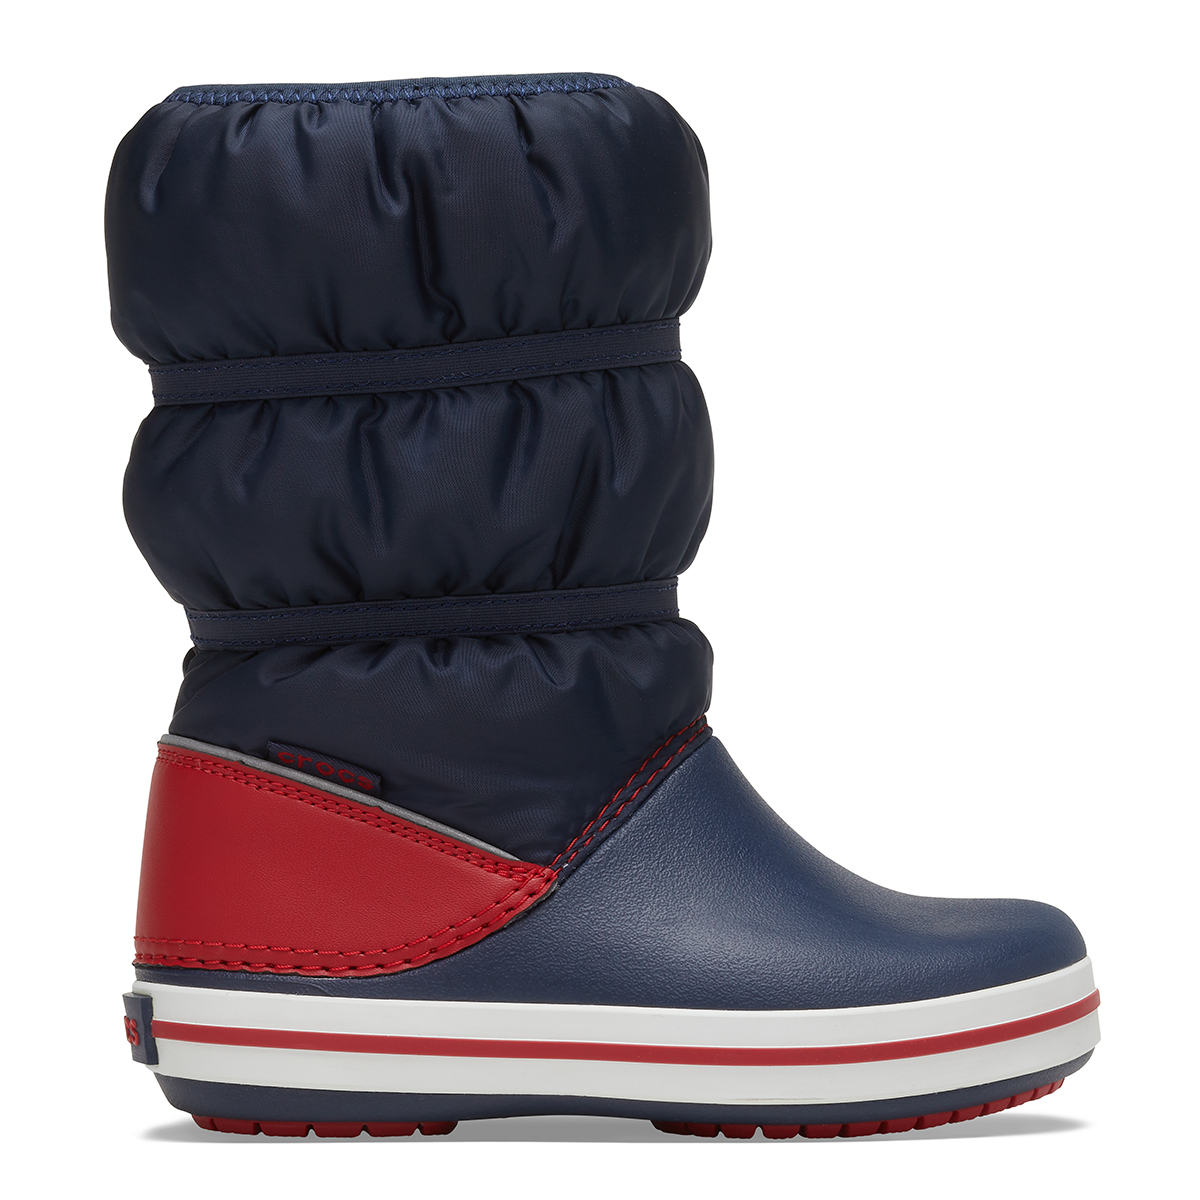 Crocband Winter Boot K - Lacivert/Kırmızı